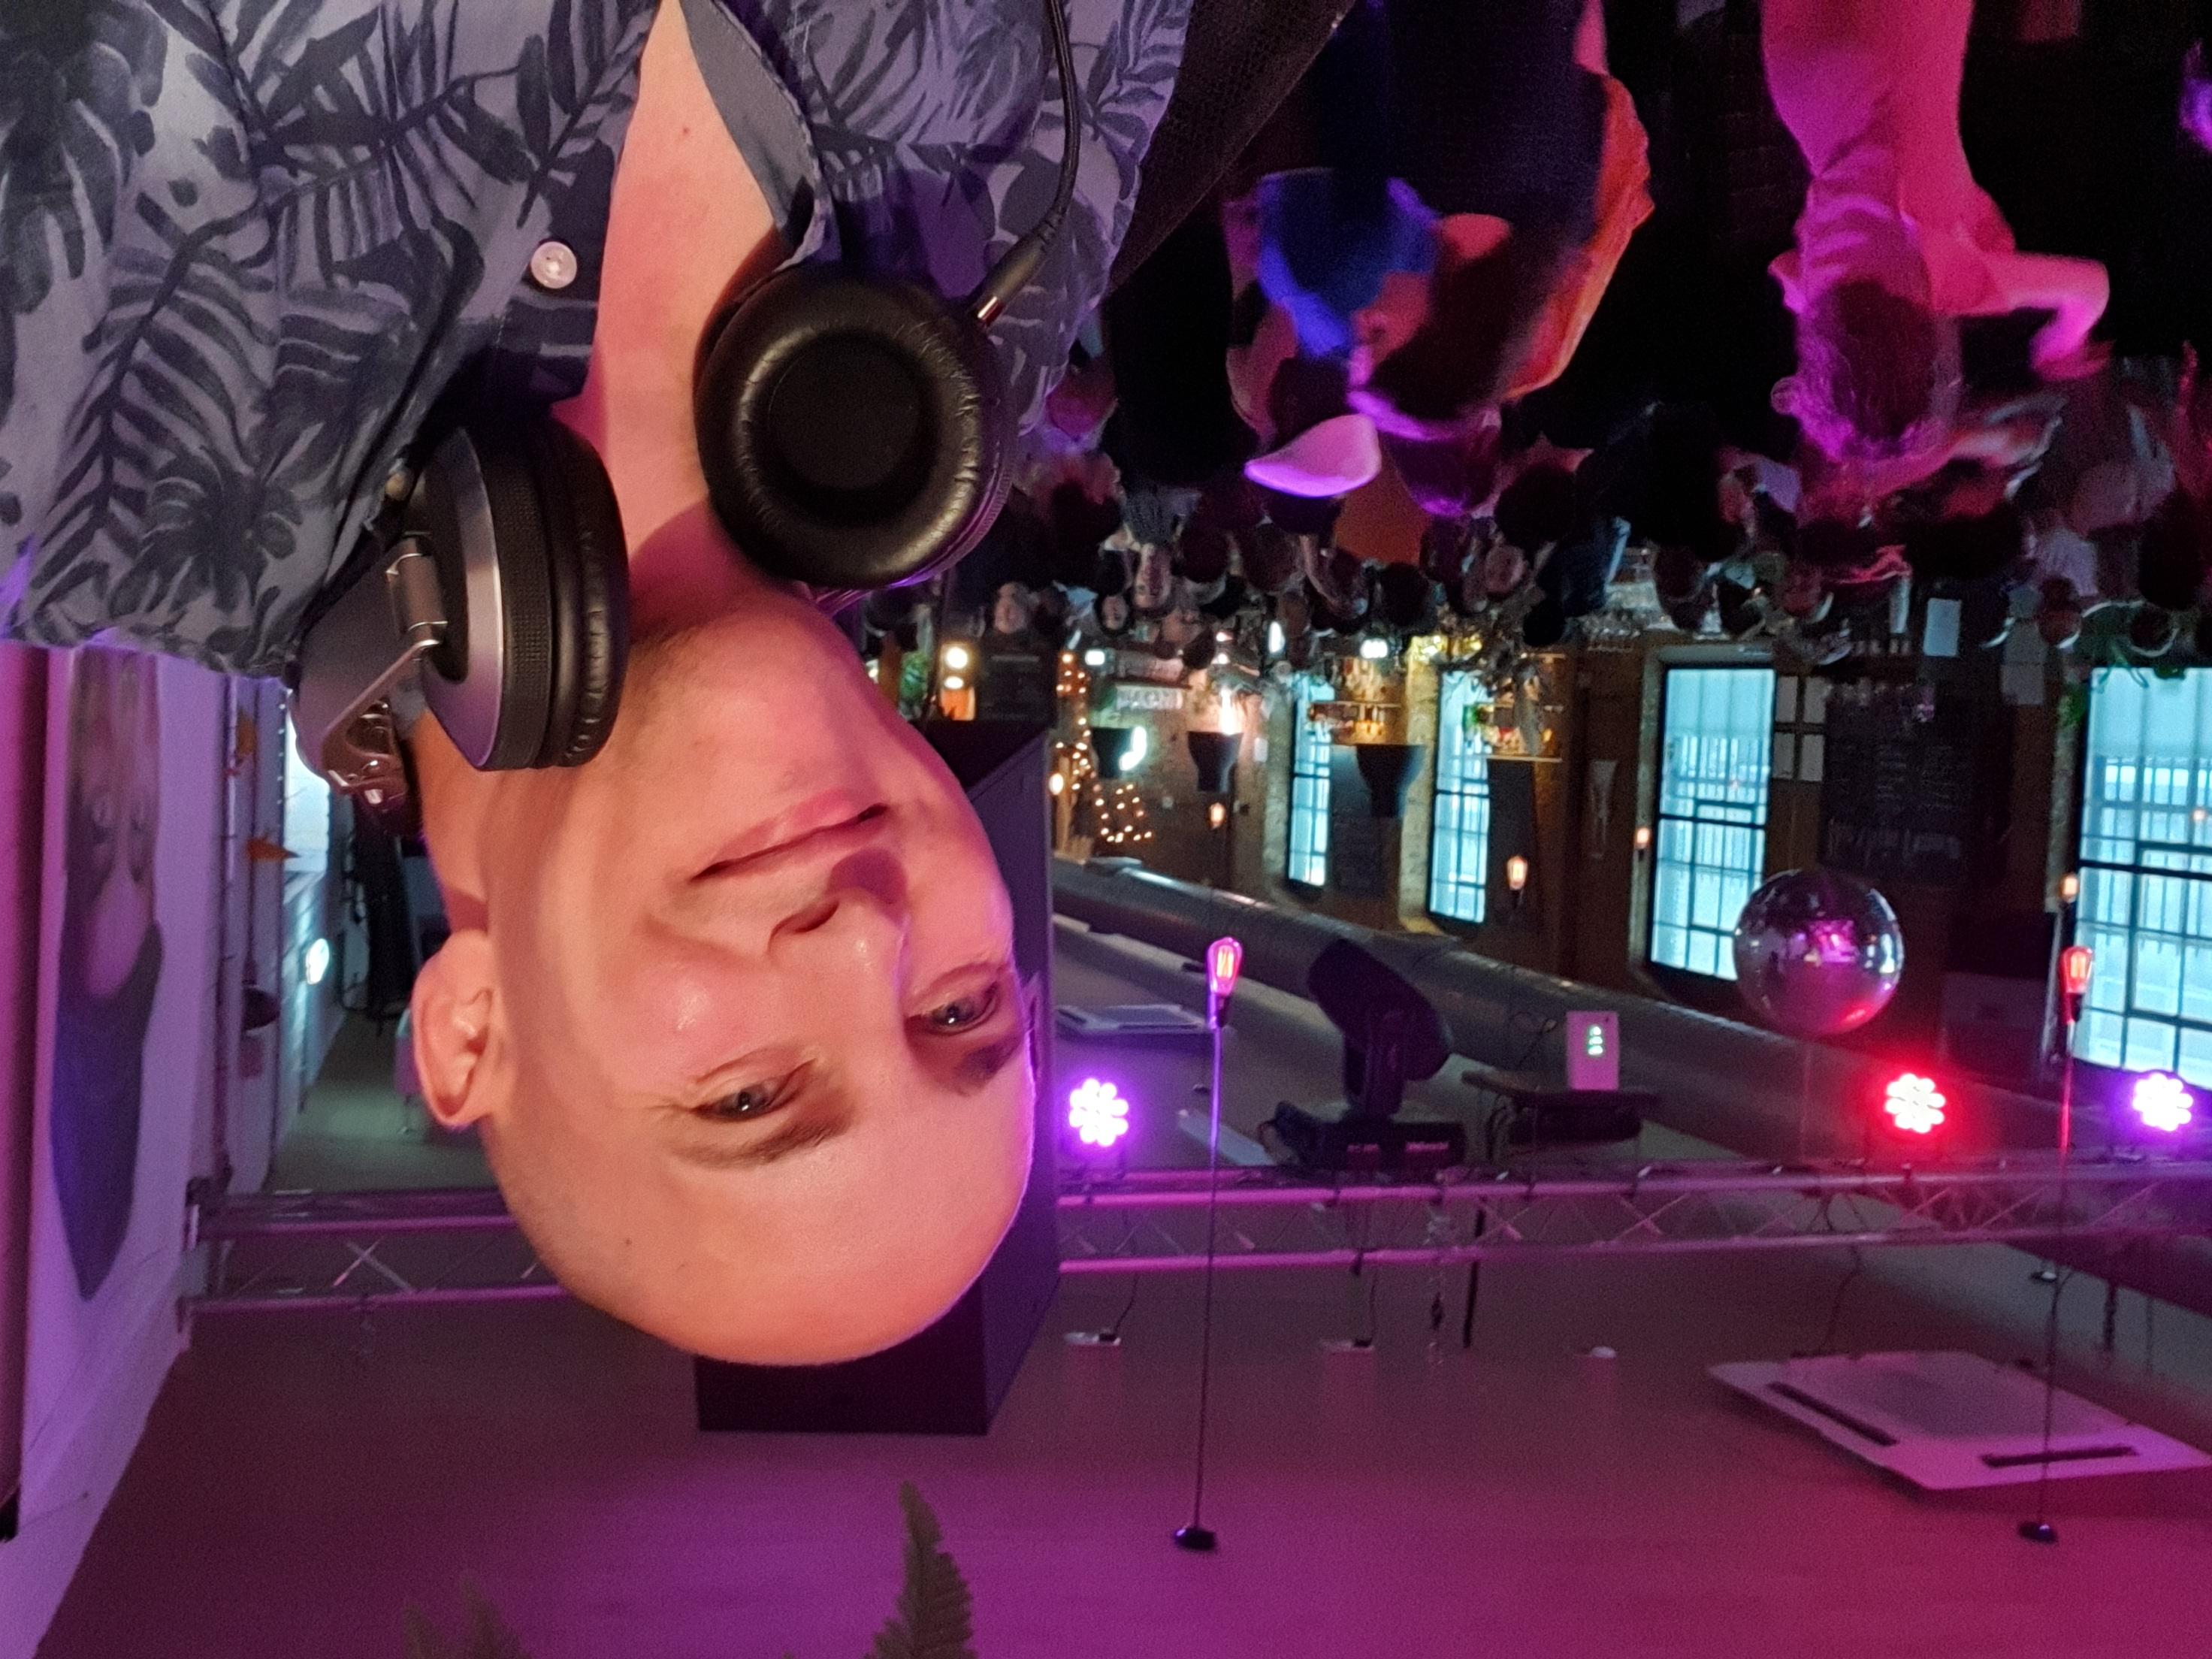 DJ Flecha Selfie @ Jujus